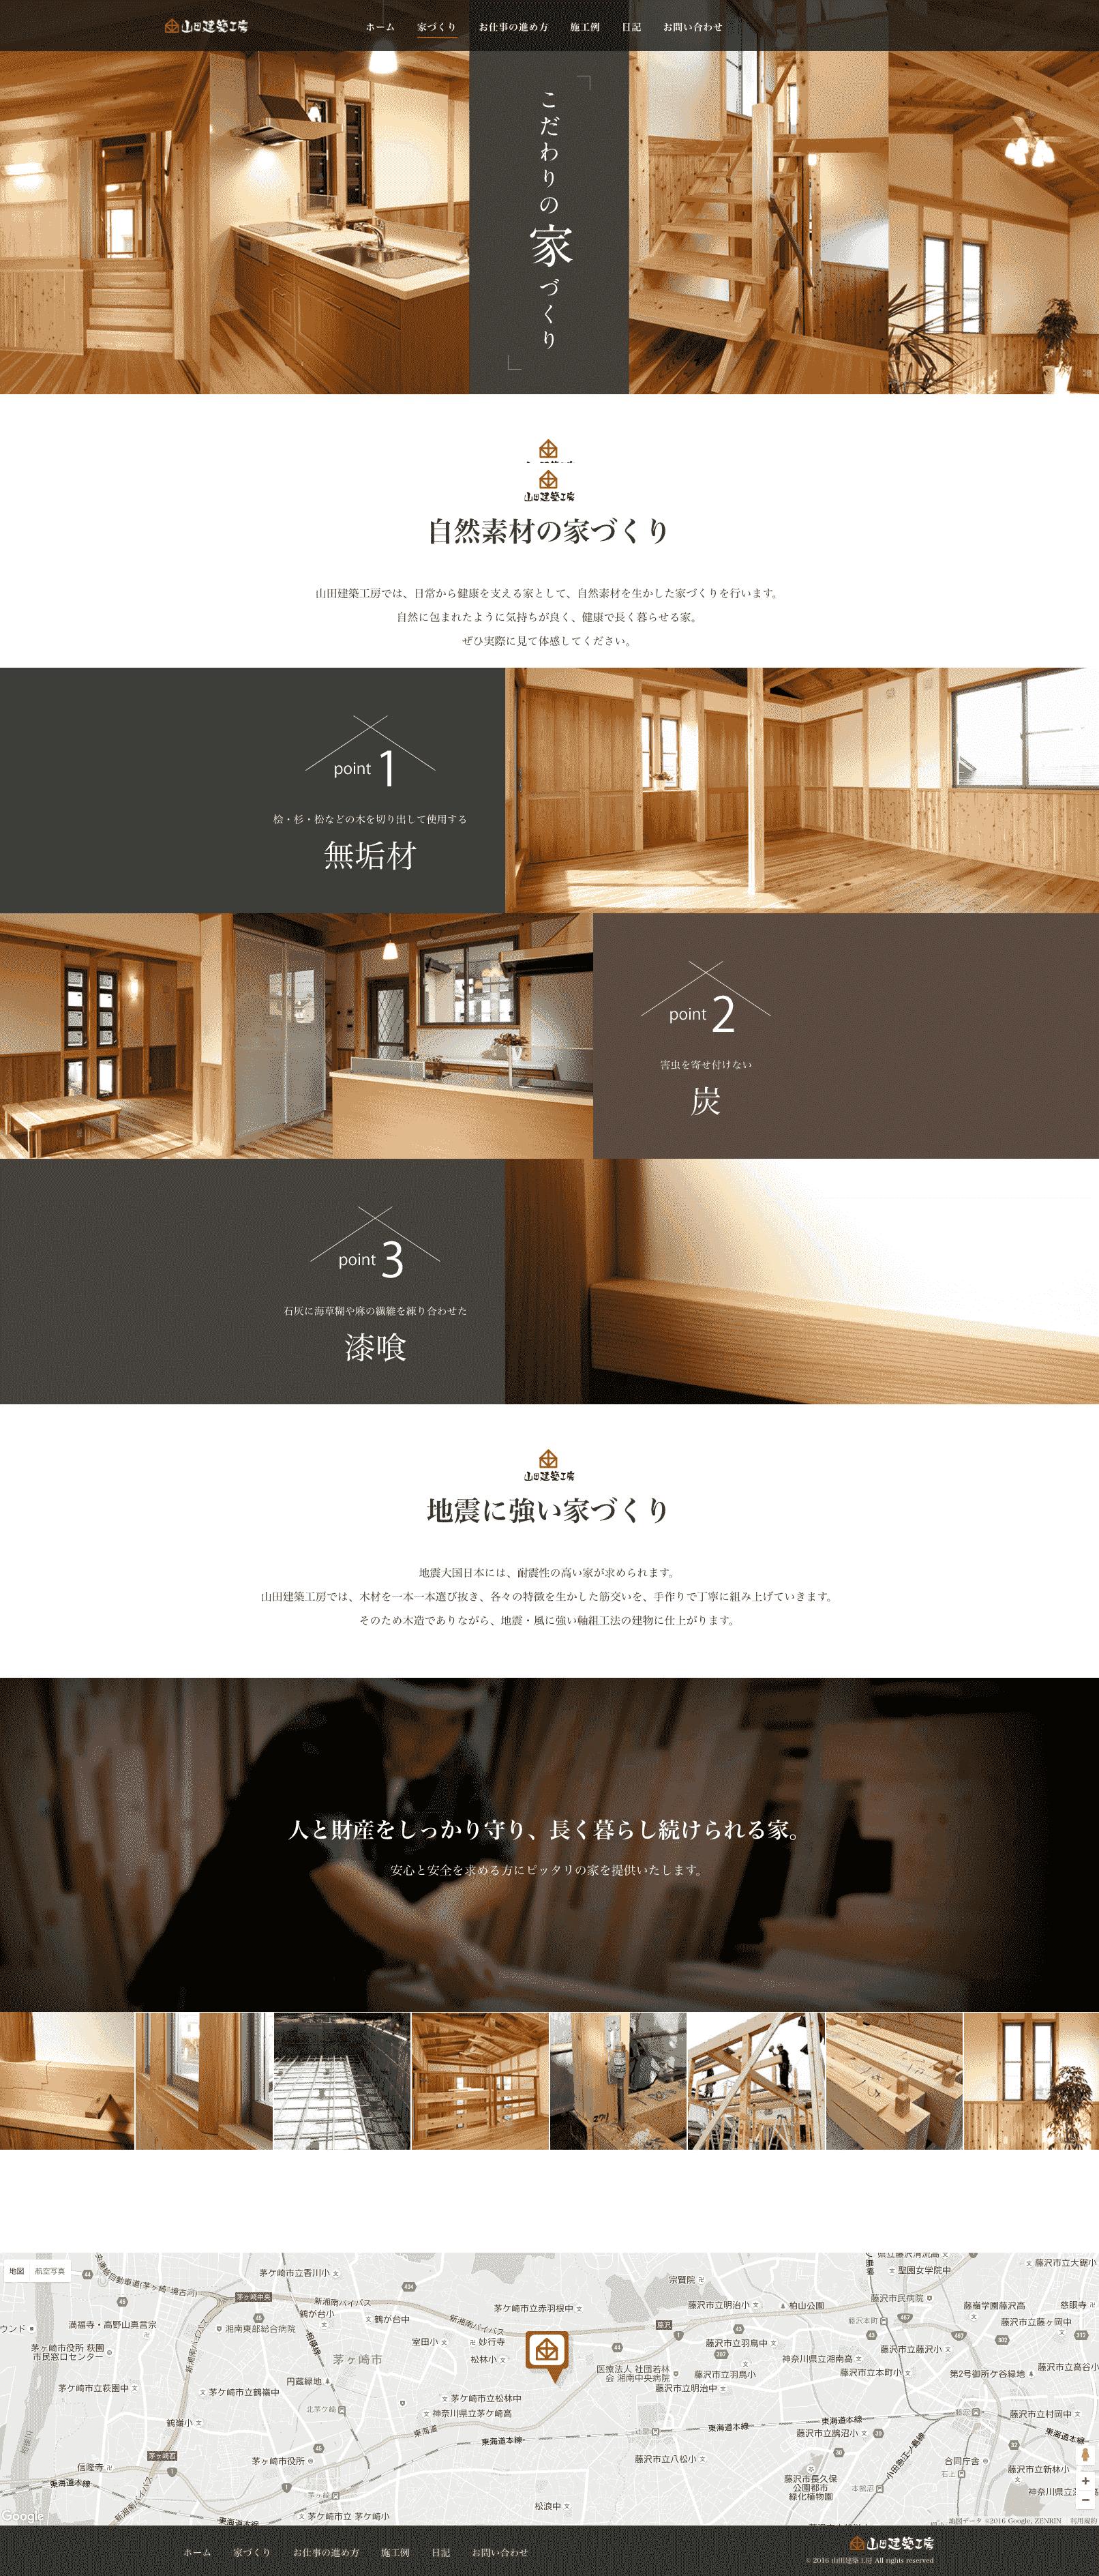 山田建築工房after